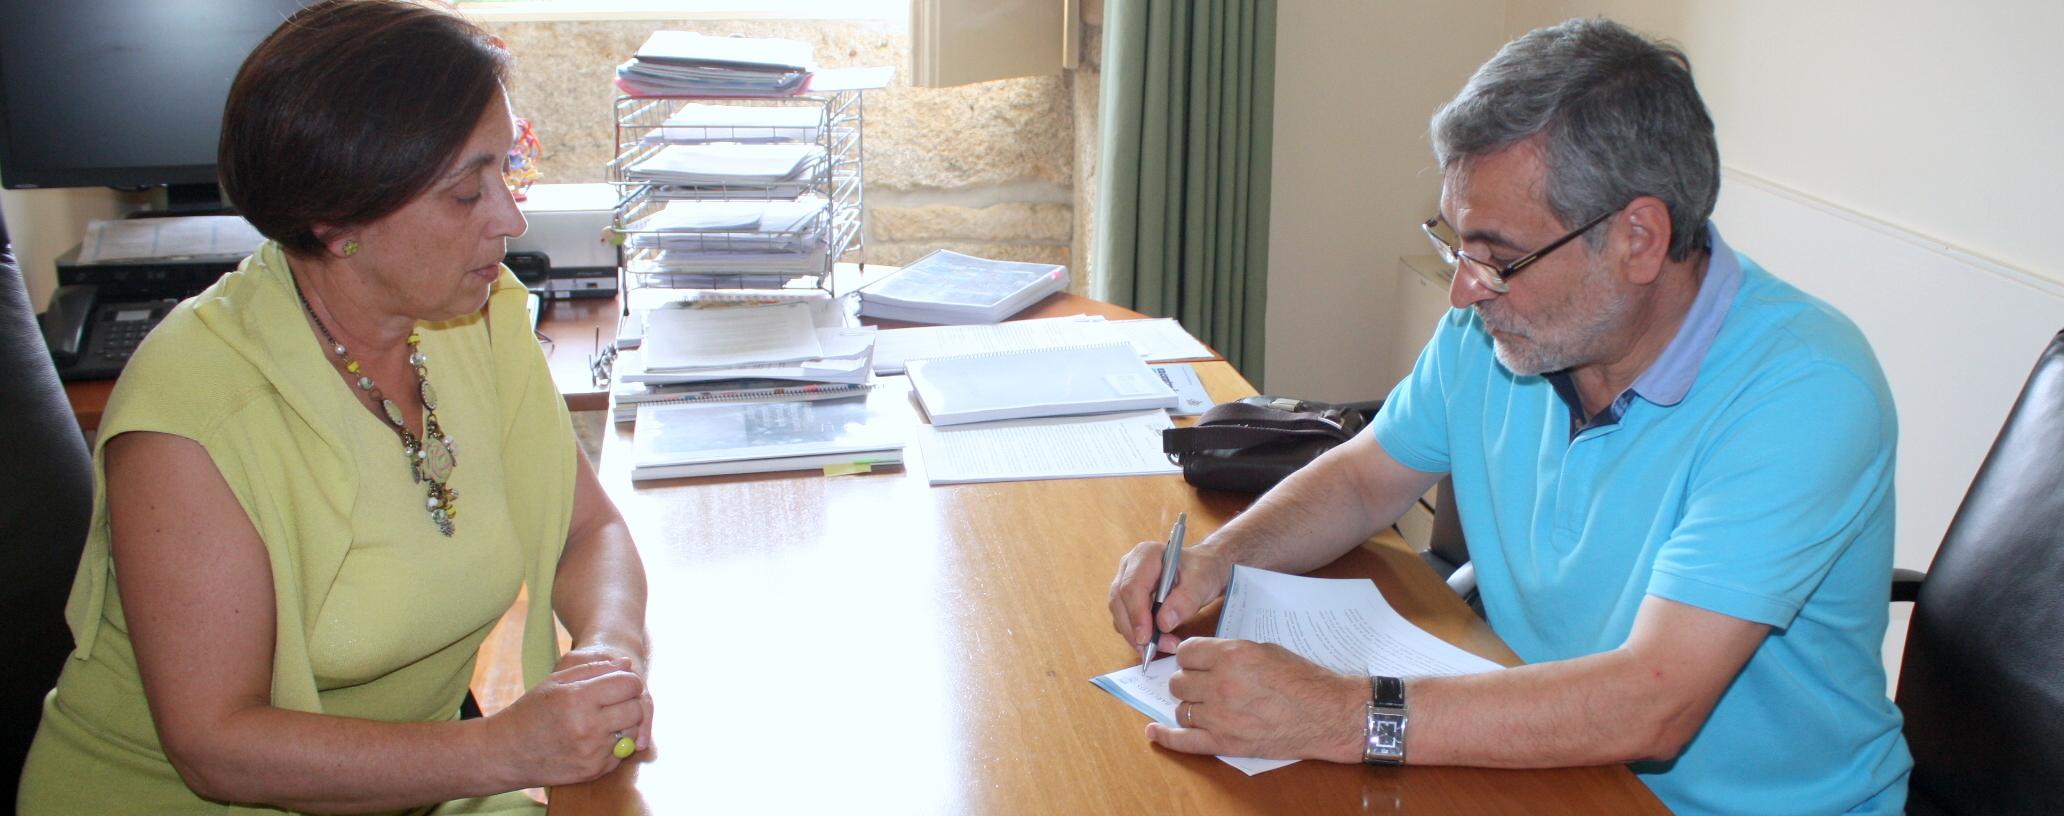 Câmara Municipal assina protocolo com Associação Humantária de Rio Covo Santa Eugénia